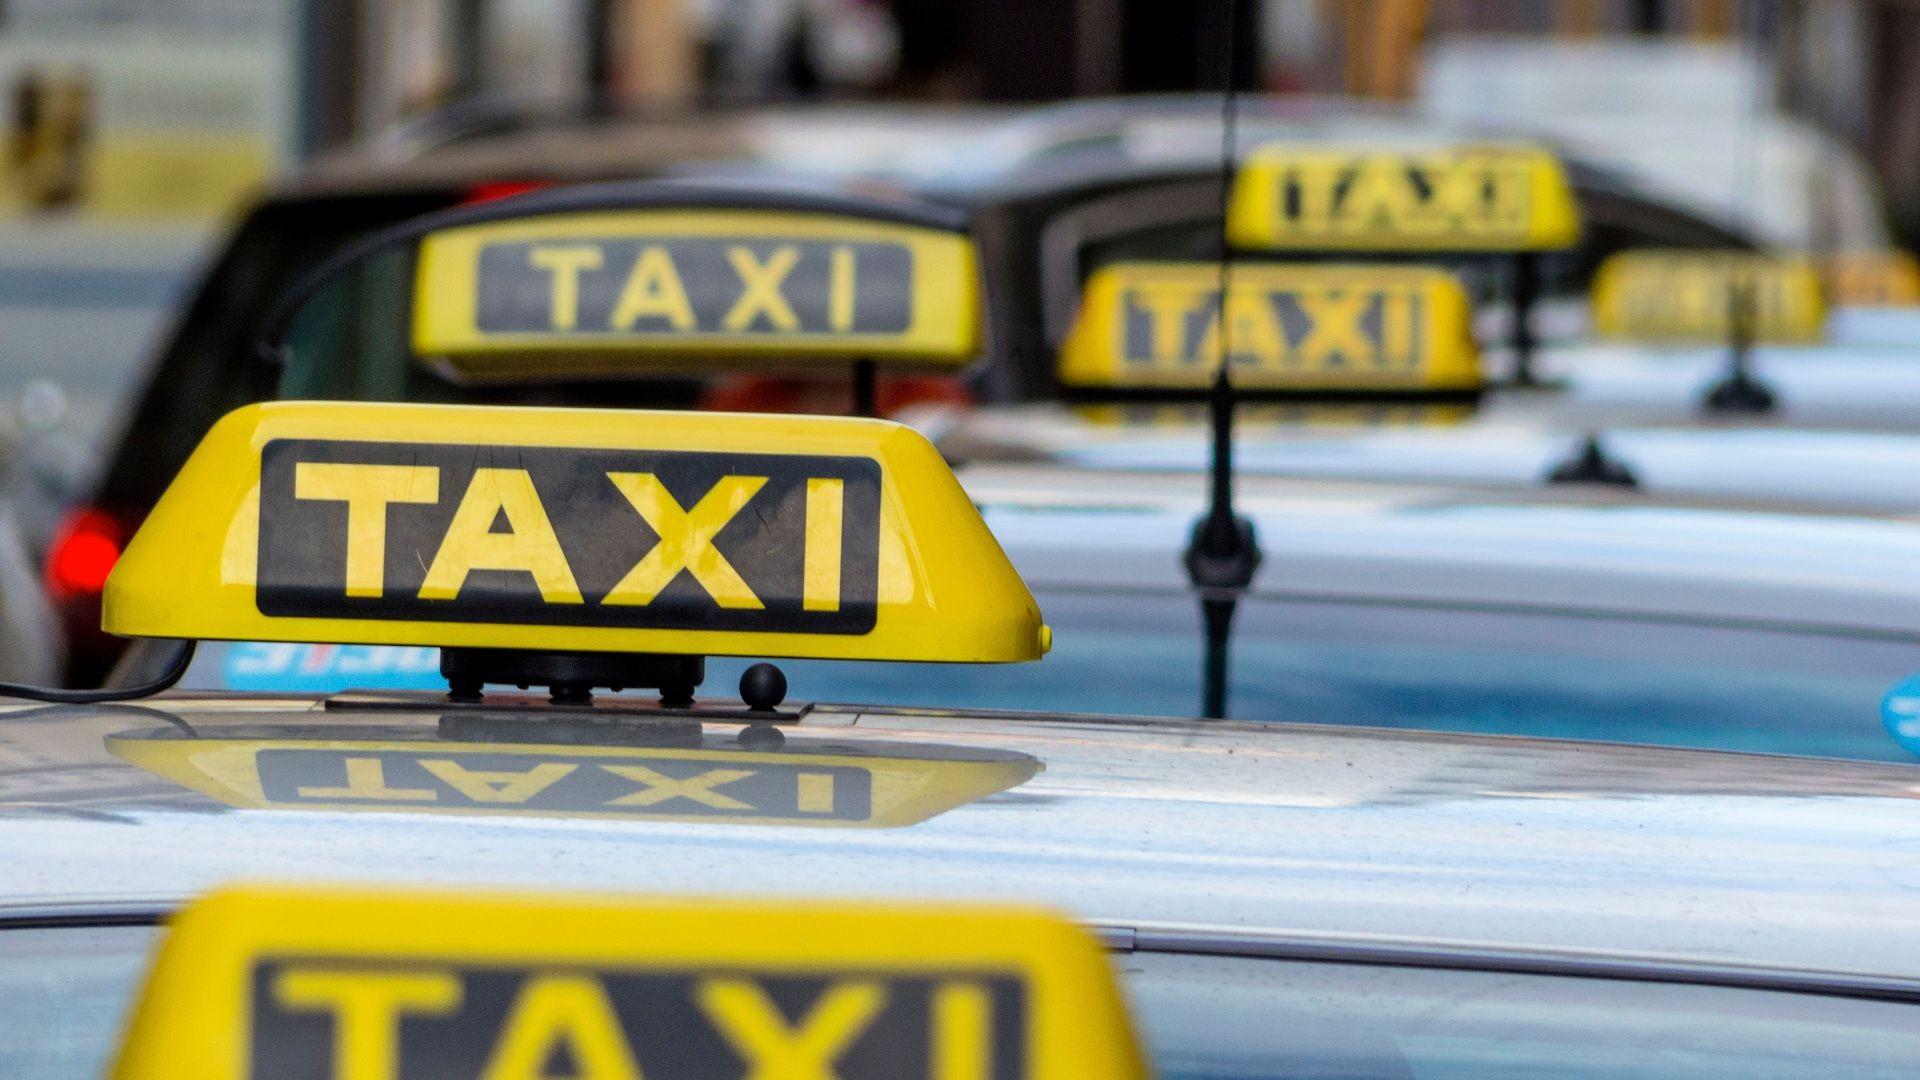 000 taxi 03